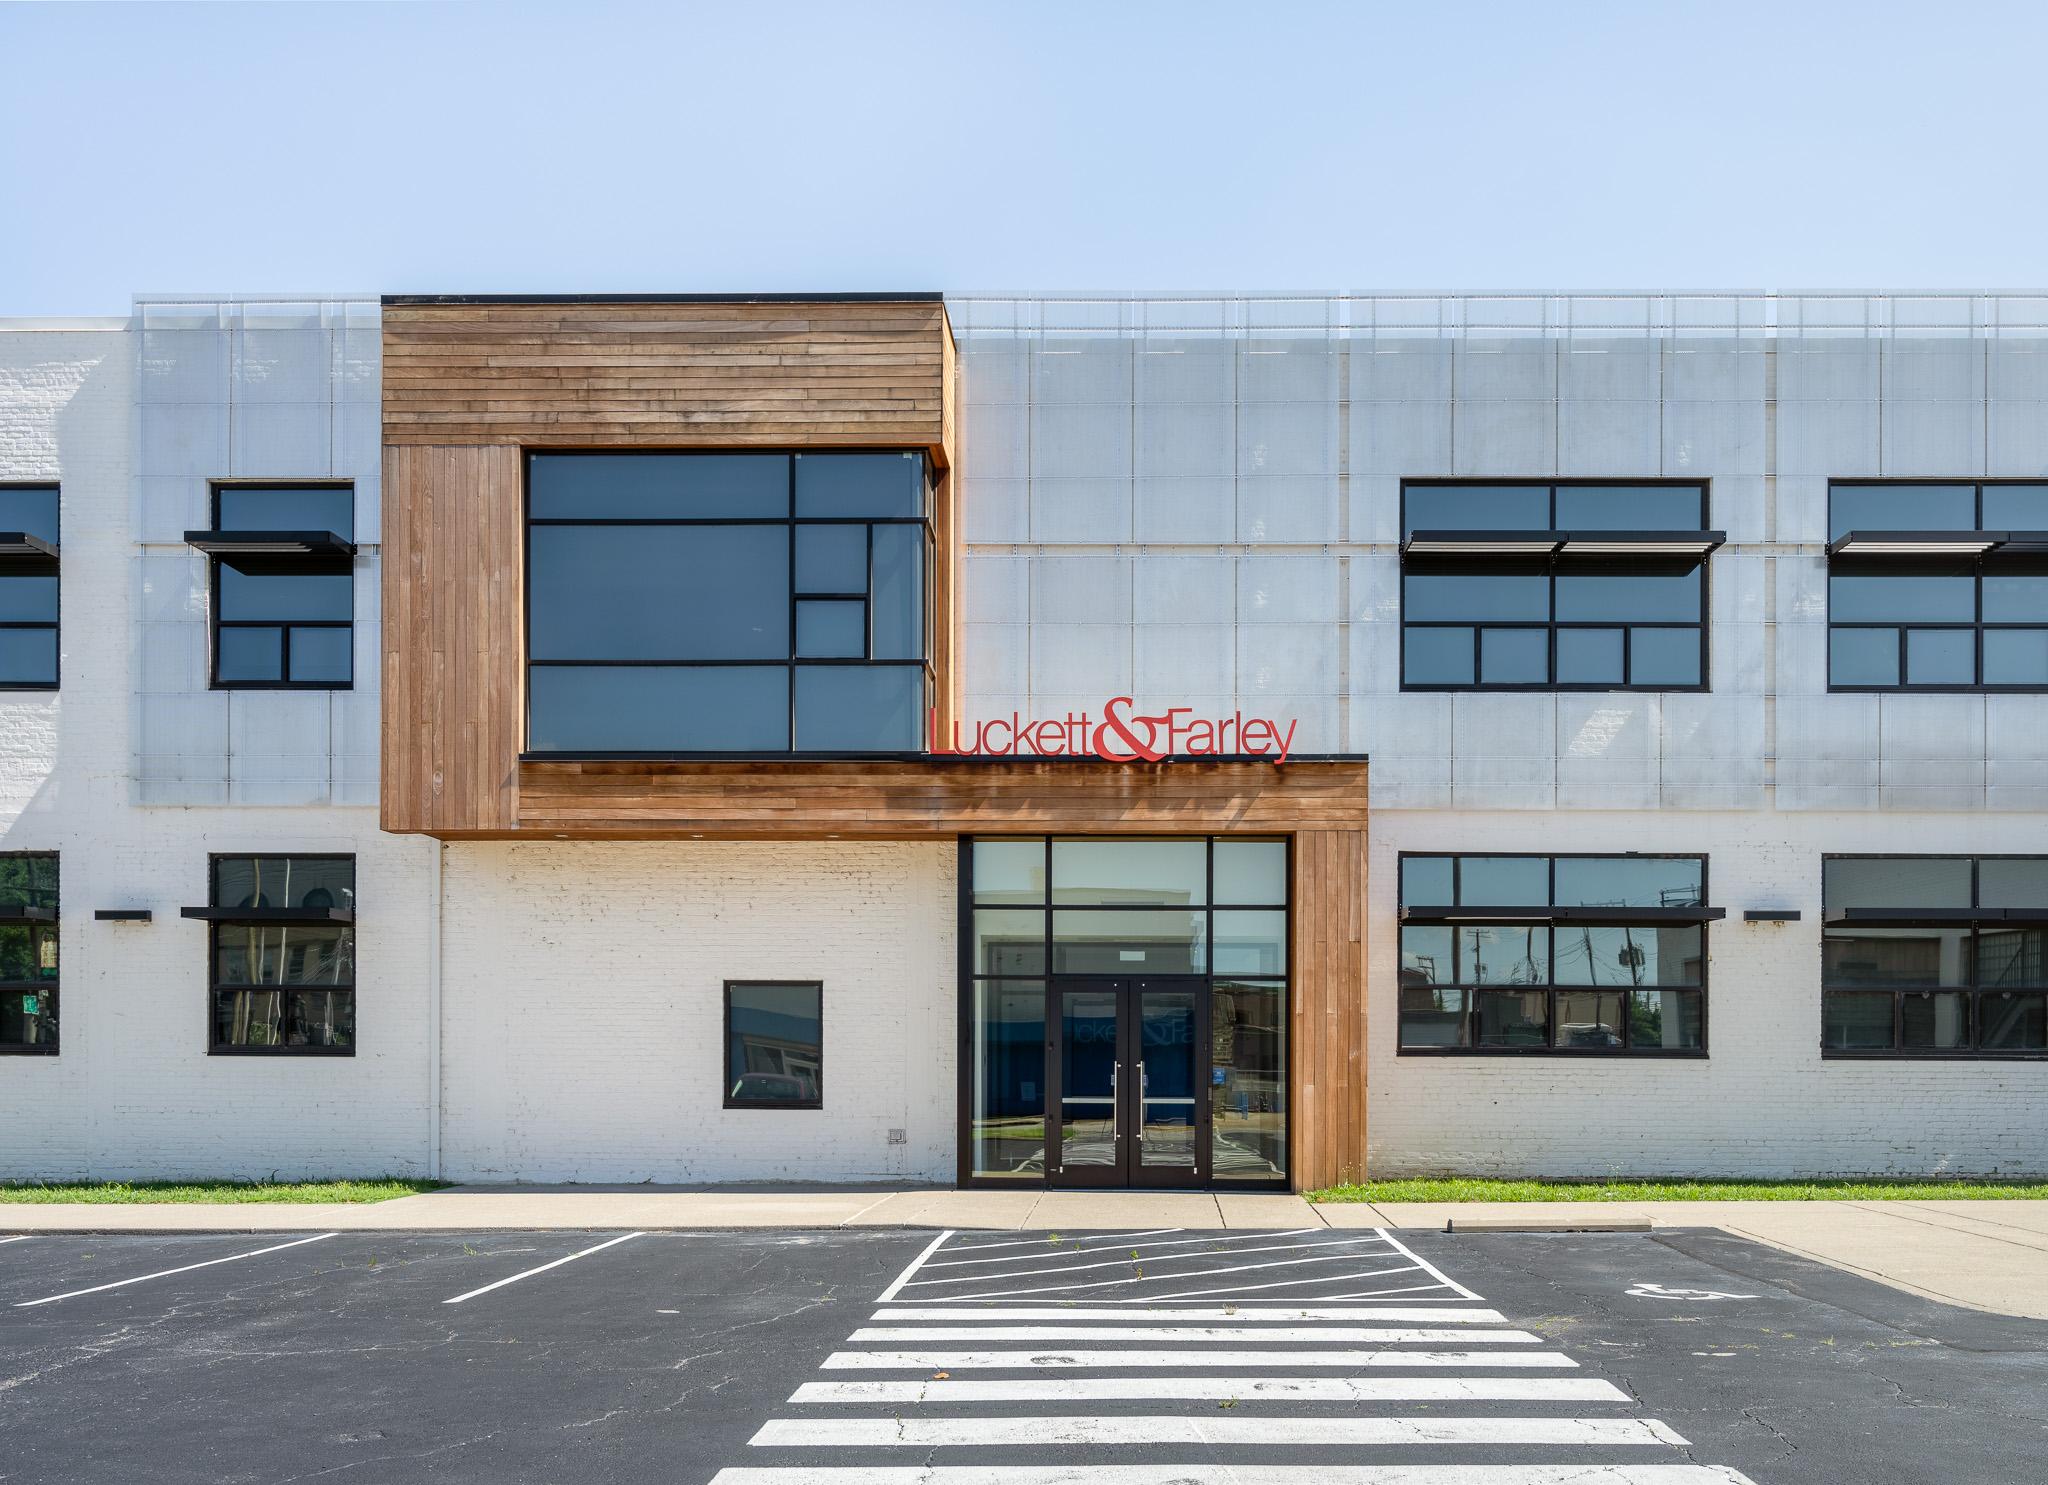 luckett-farley-office-exterior